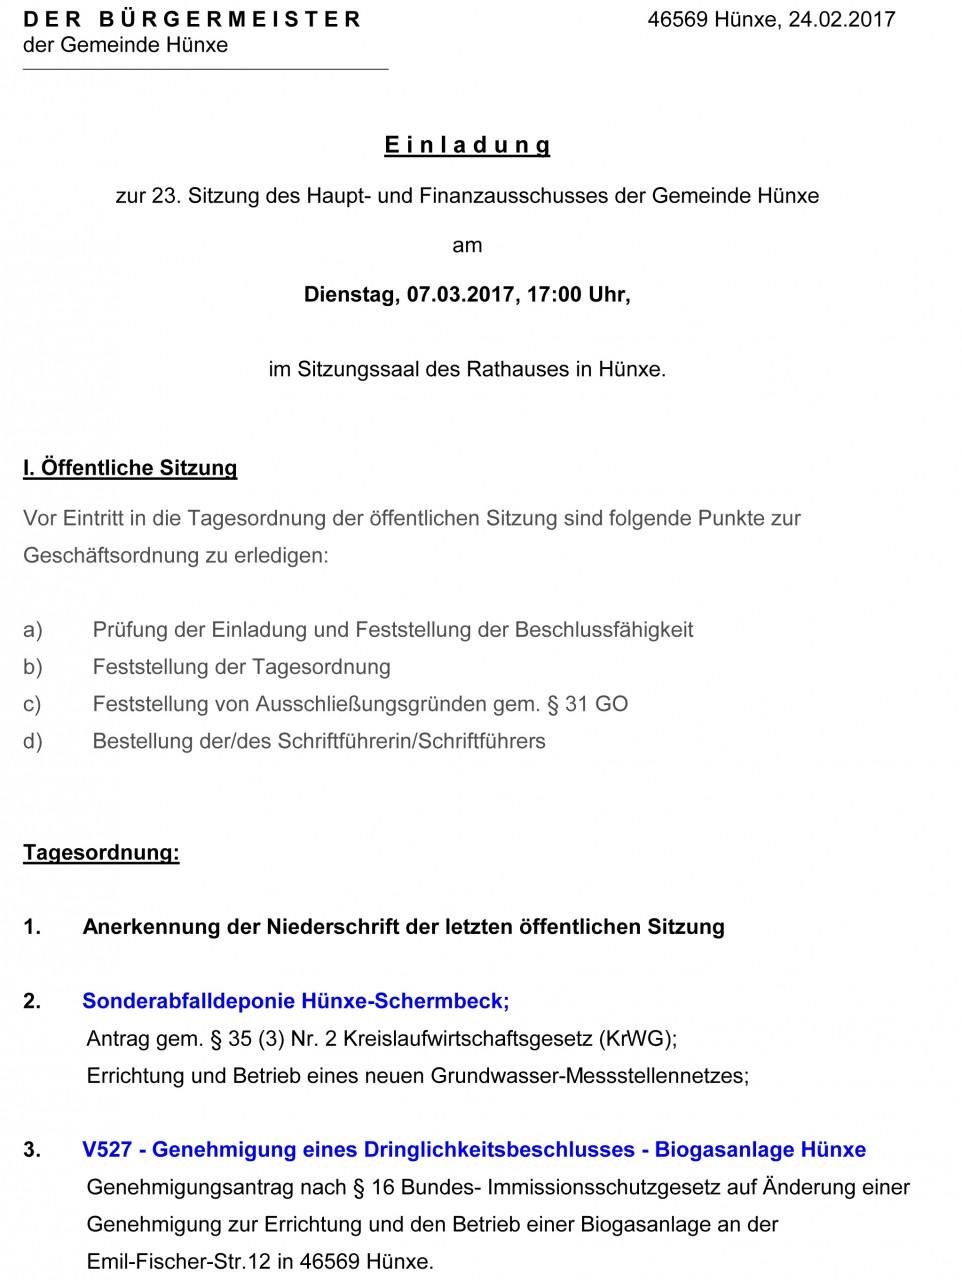 Tagesordnung HFA 23. Sitzung2014.docx